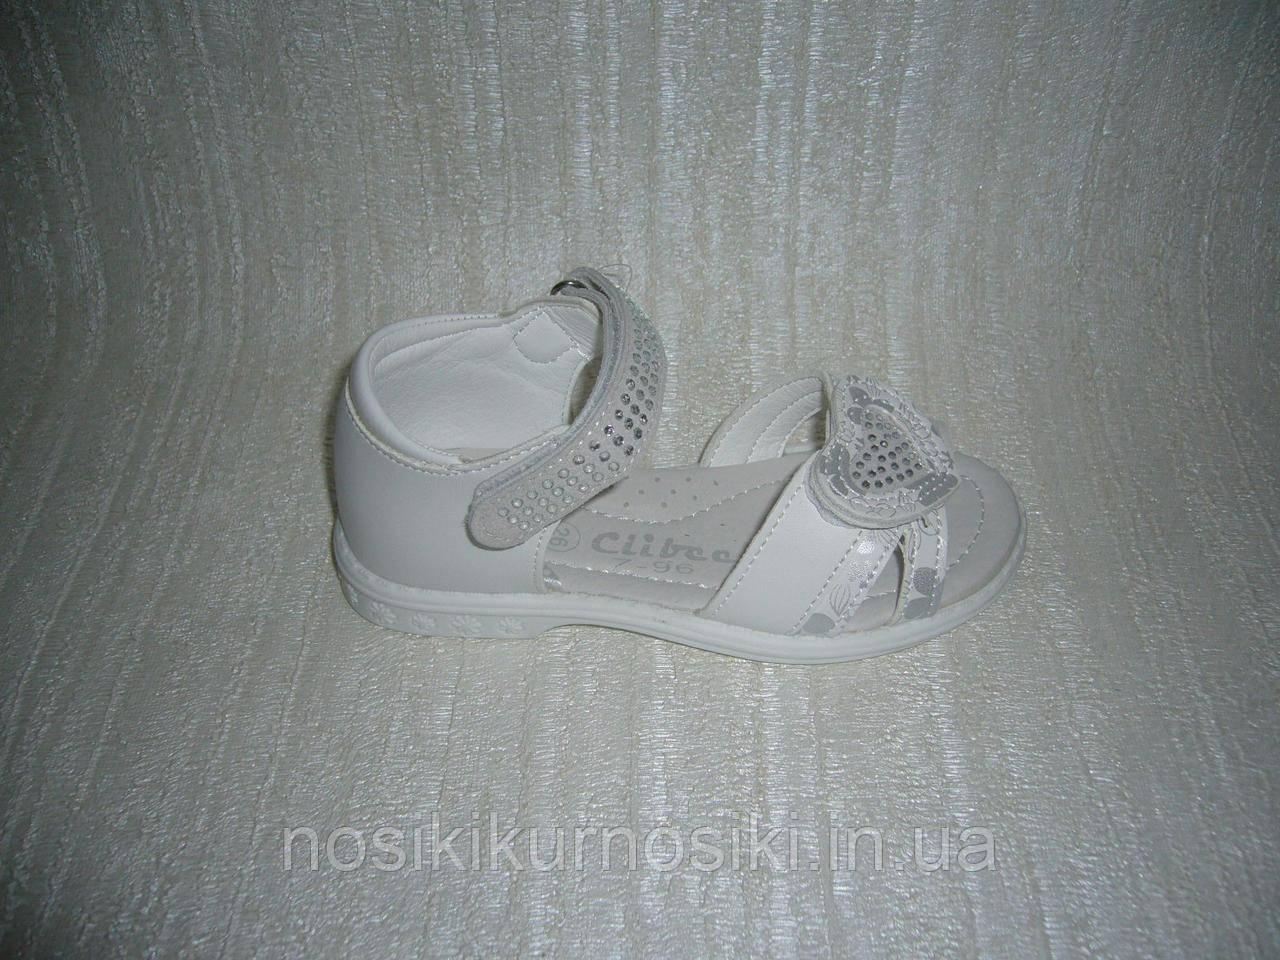 Босоніжки для дівчаток Clibee 26 розмір колір білий